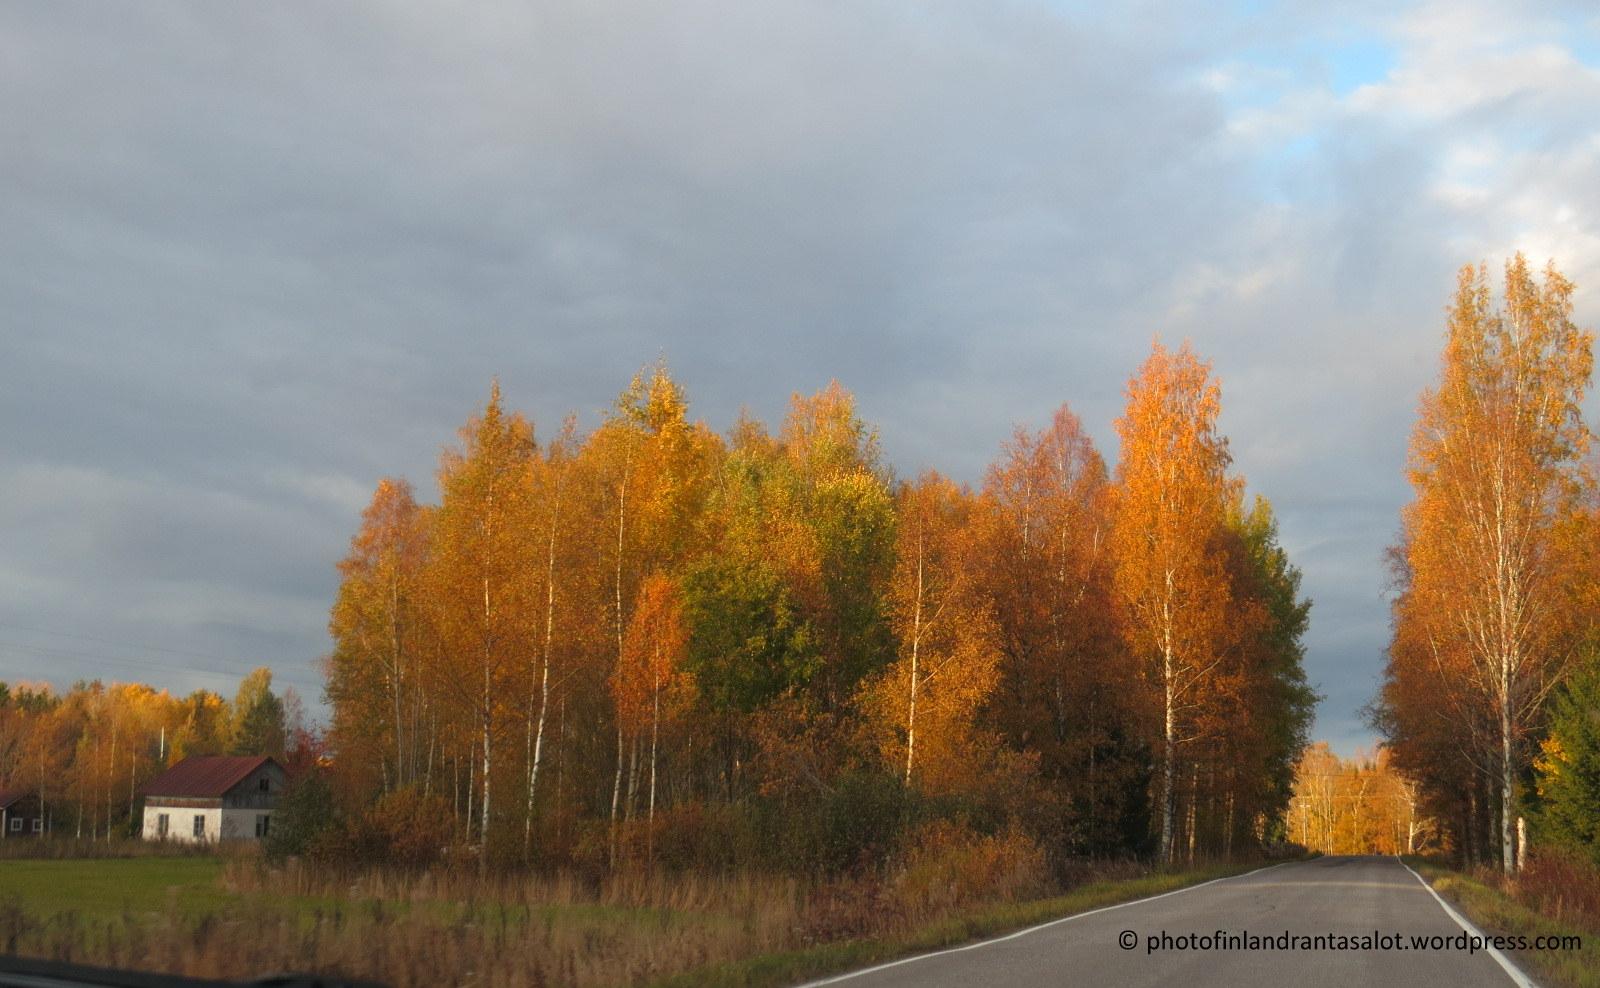 IMG_0039 Tiellä ruska. atomivoima